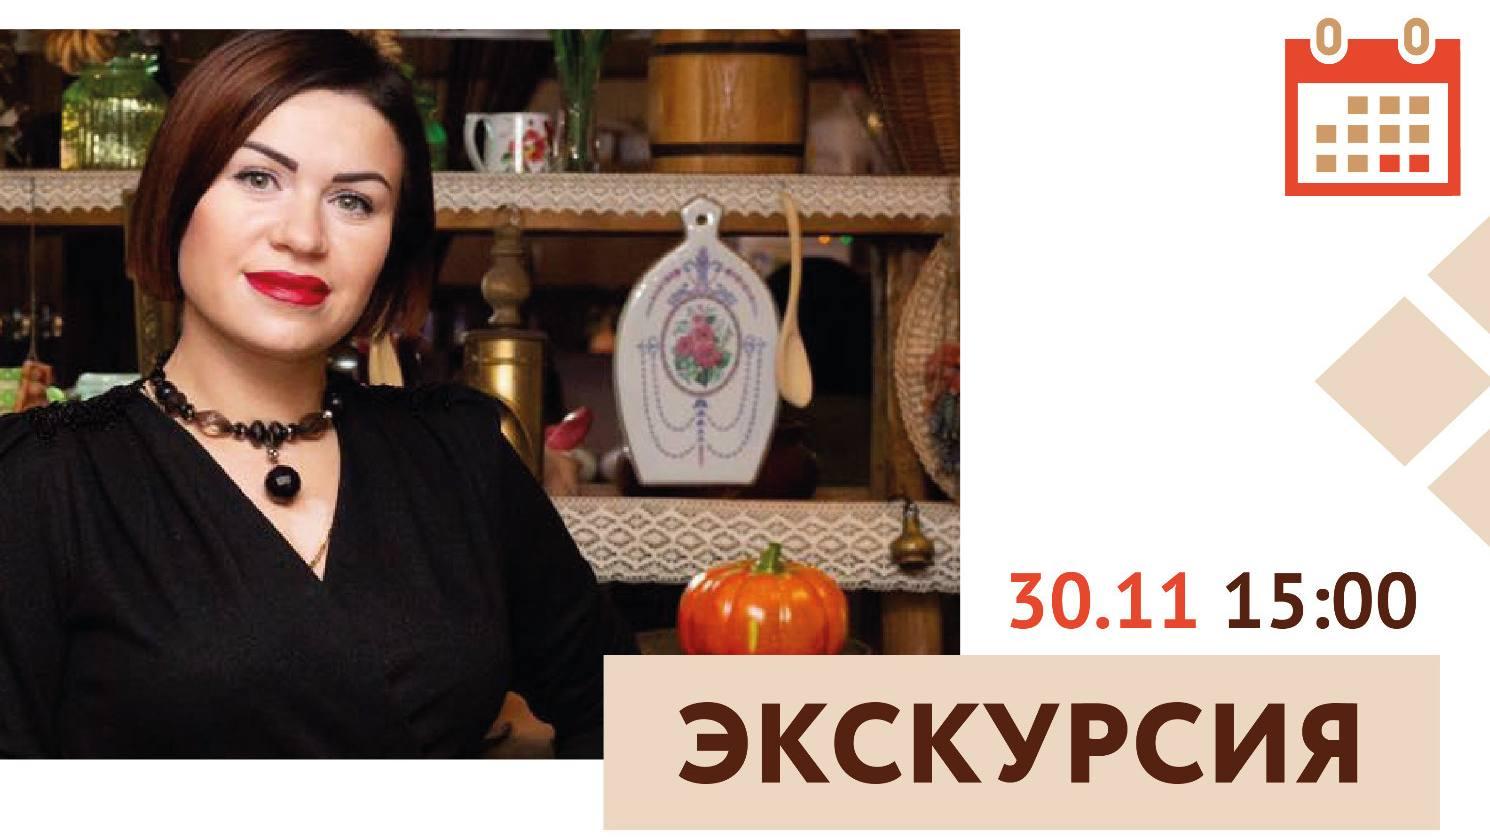 Экскурсия в Центр красоты и стройности Наталии Медведевой